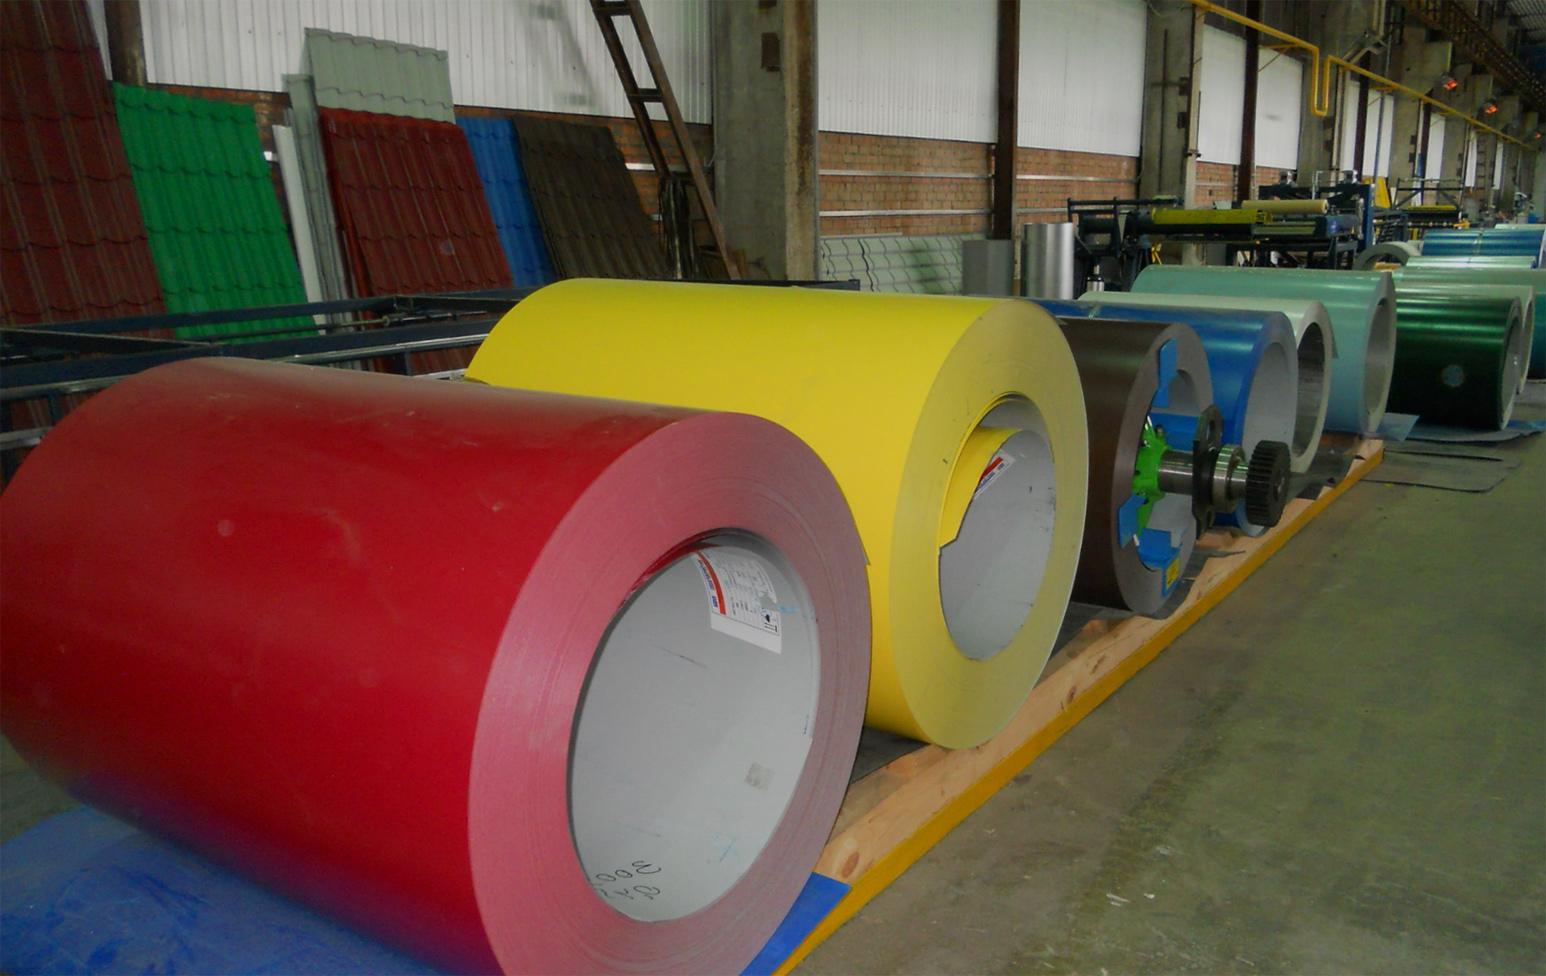 Преимущества полимерного покрытия оцинкованной стали перед окрашиванием